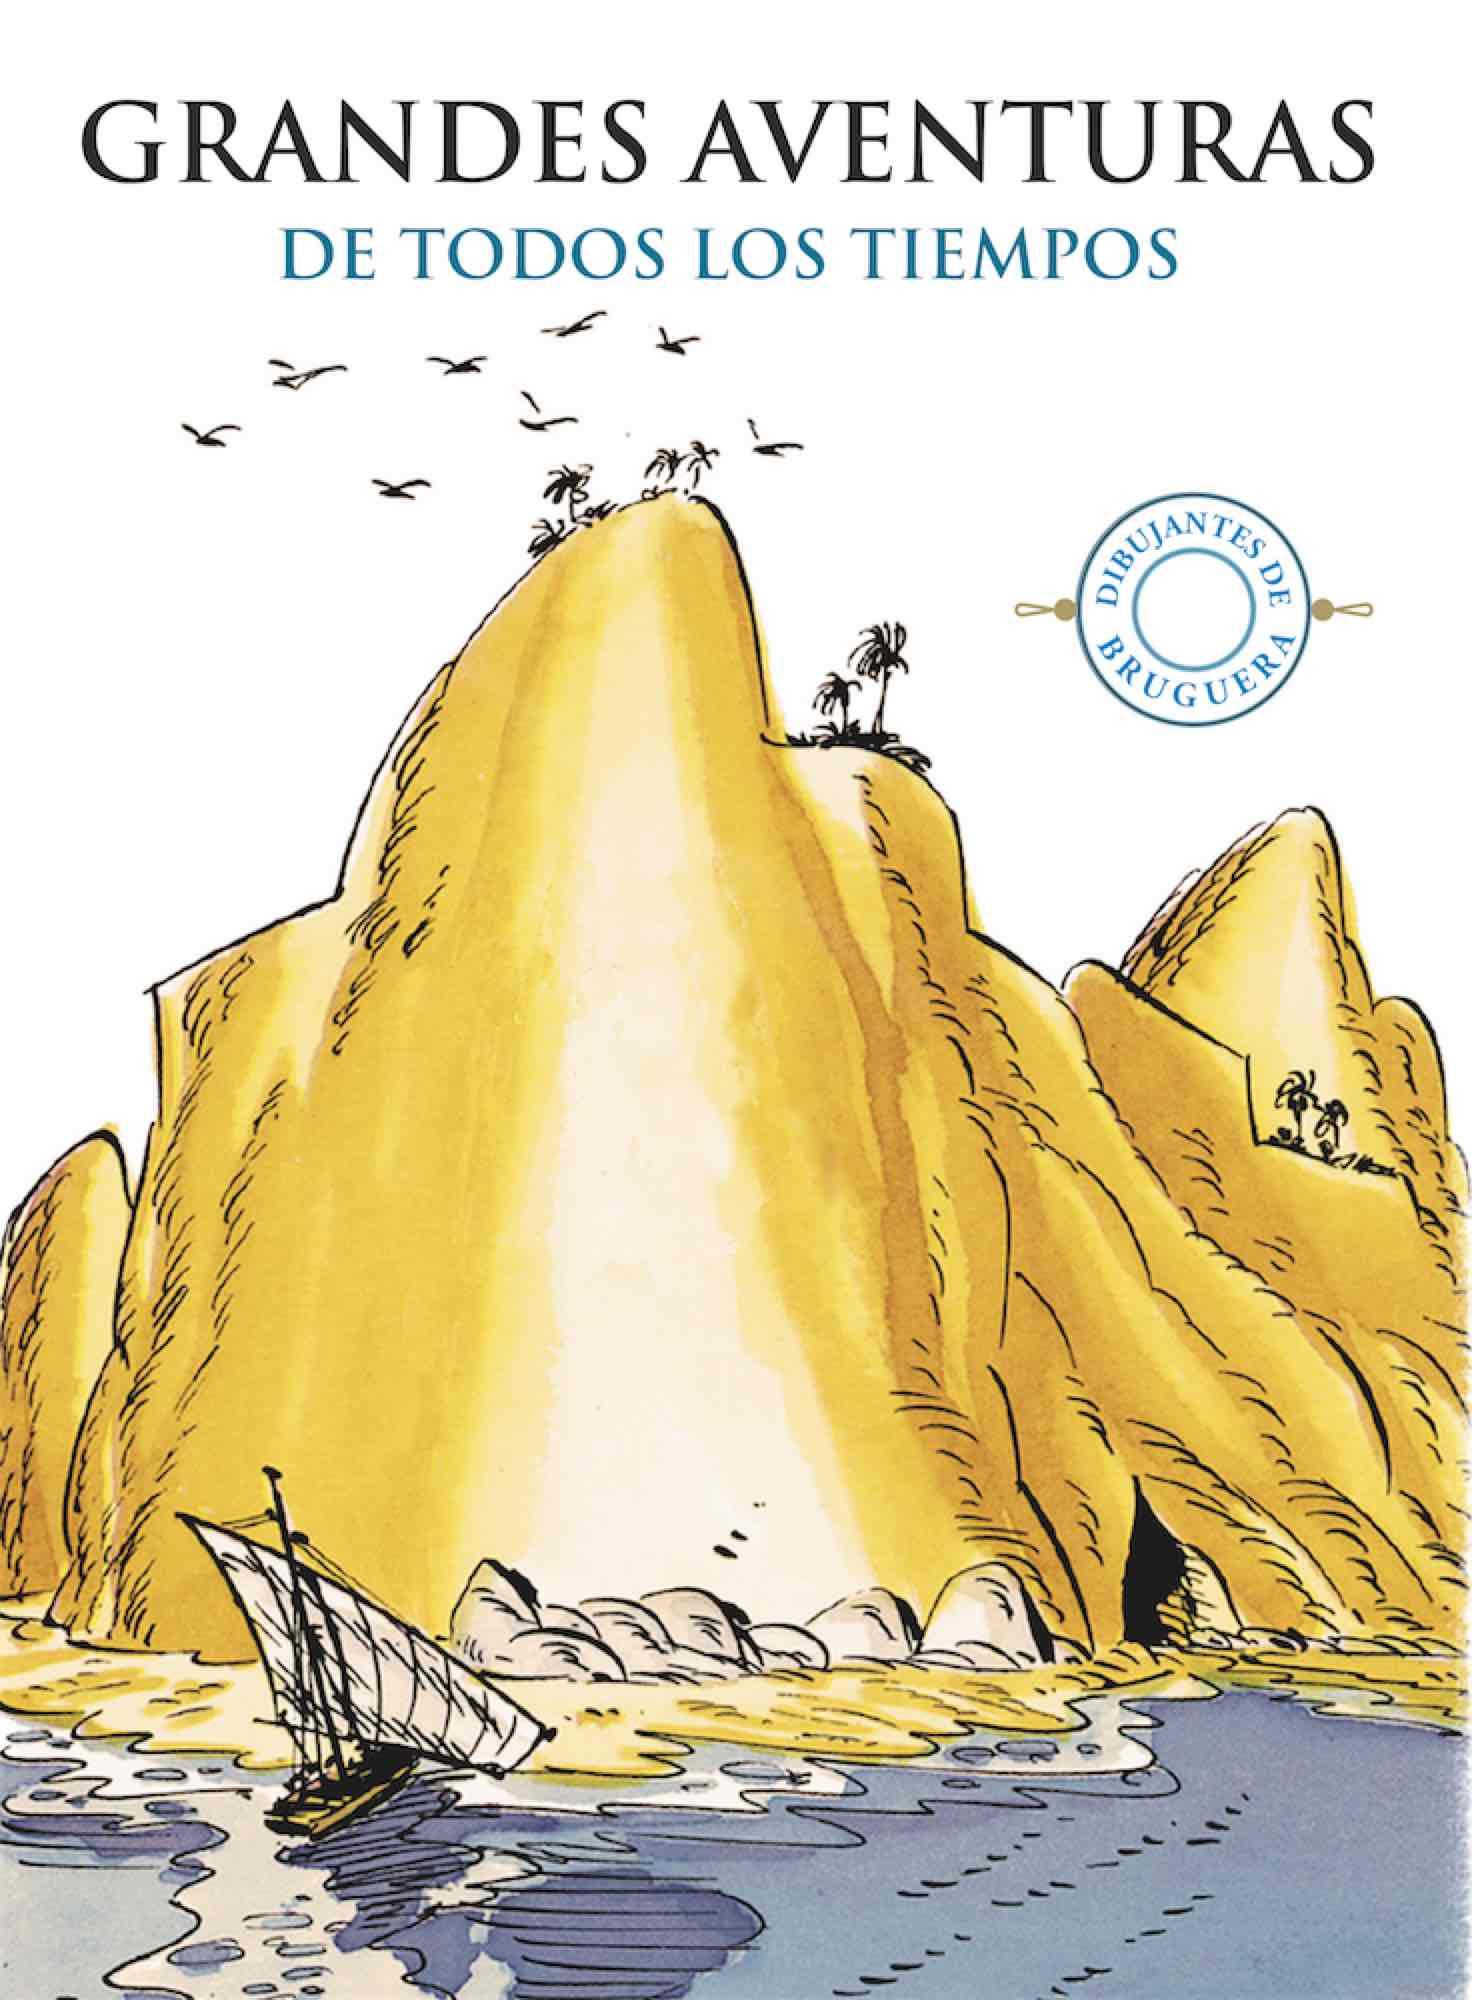 GRANDES AVENTURAS DE TODOS LOS TIEMPOS II